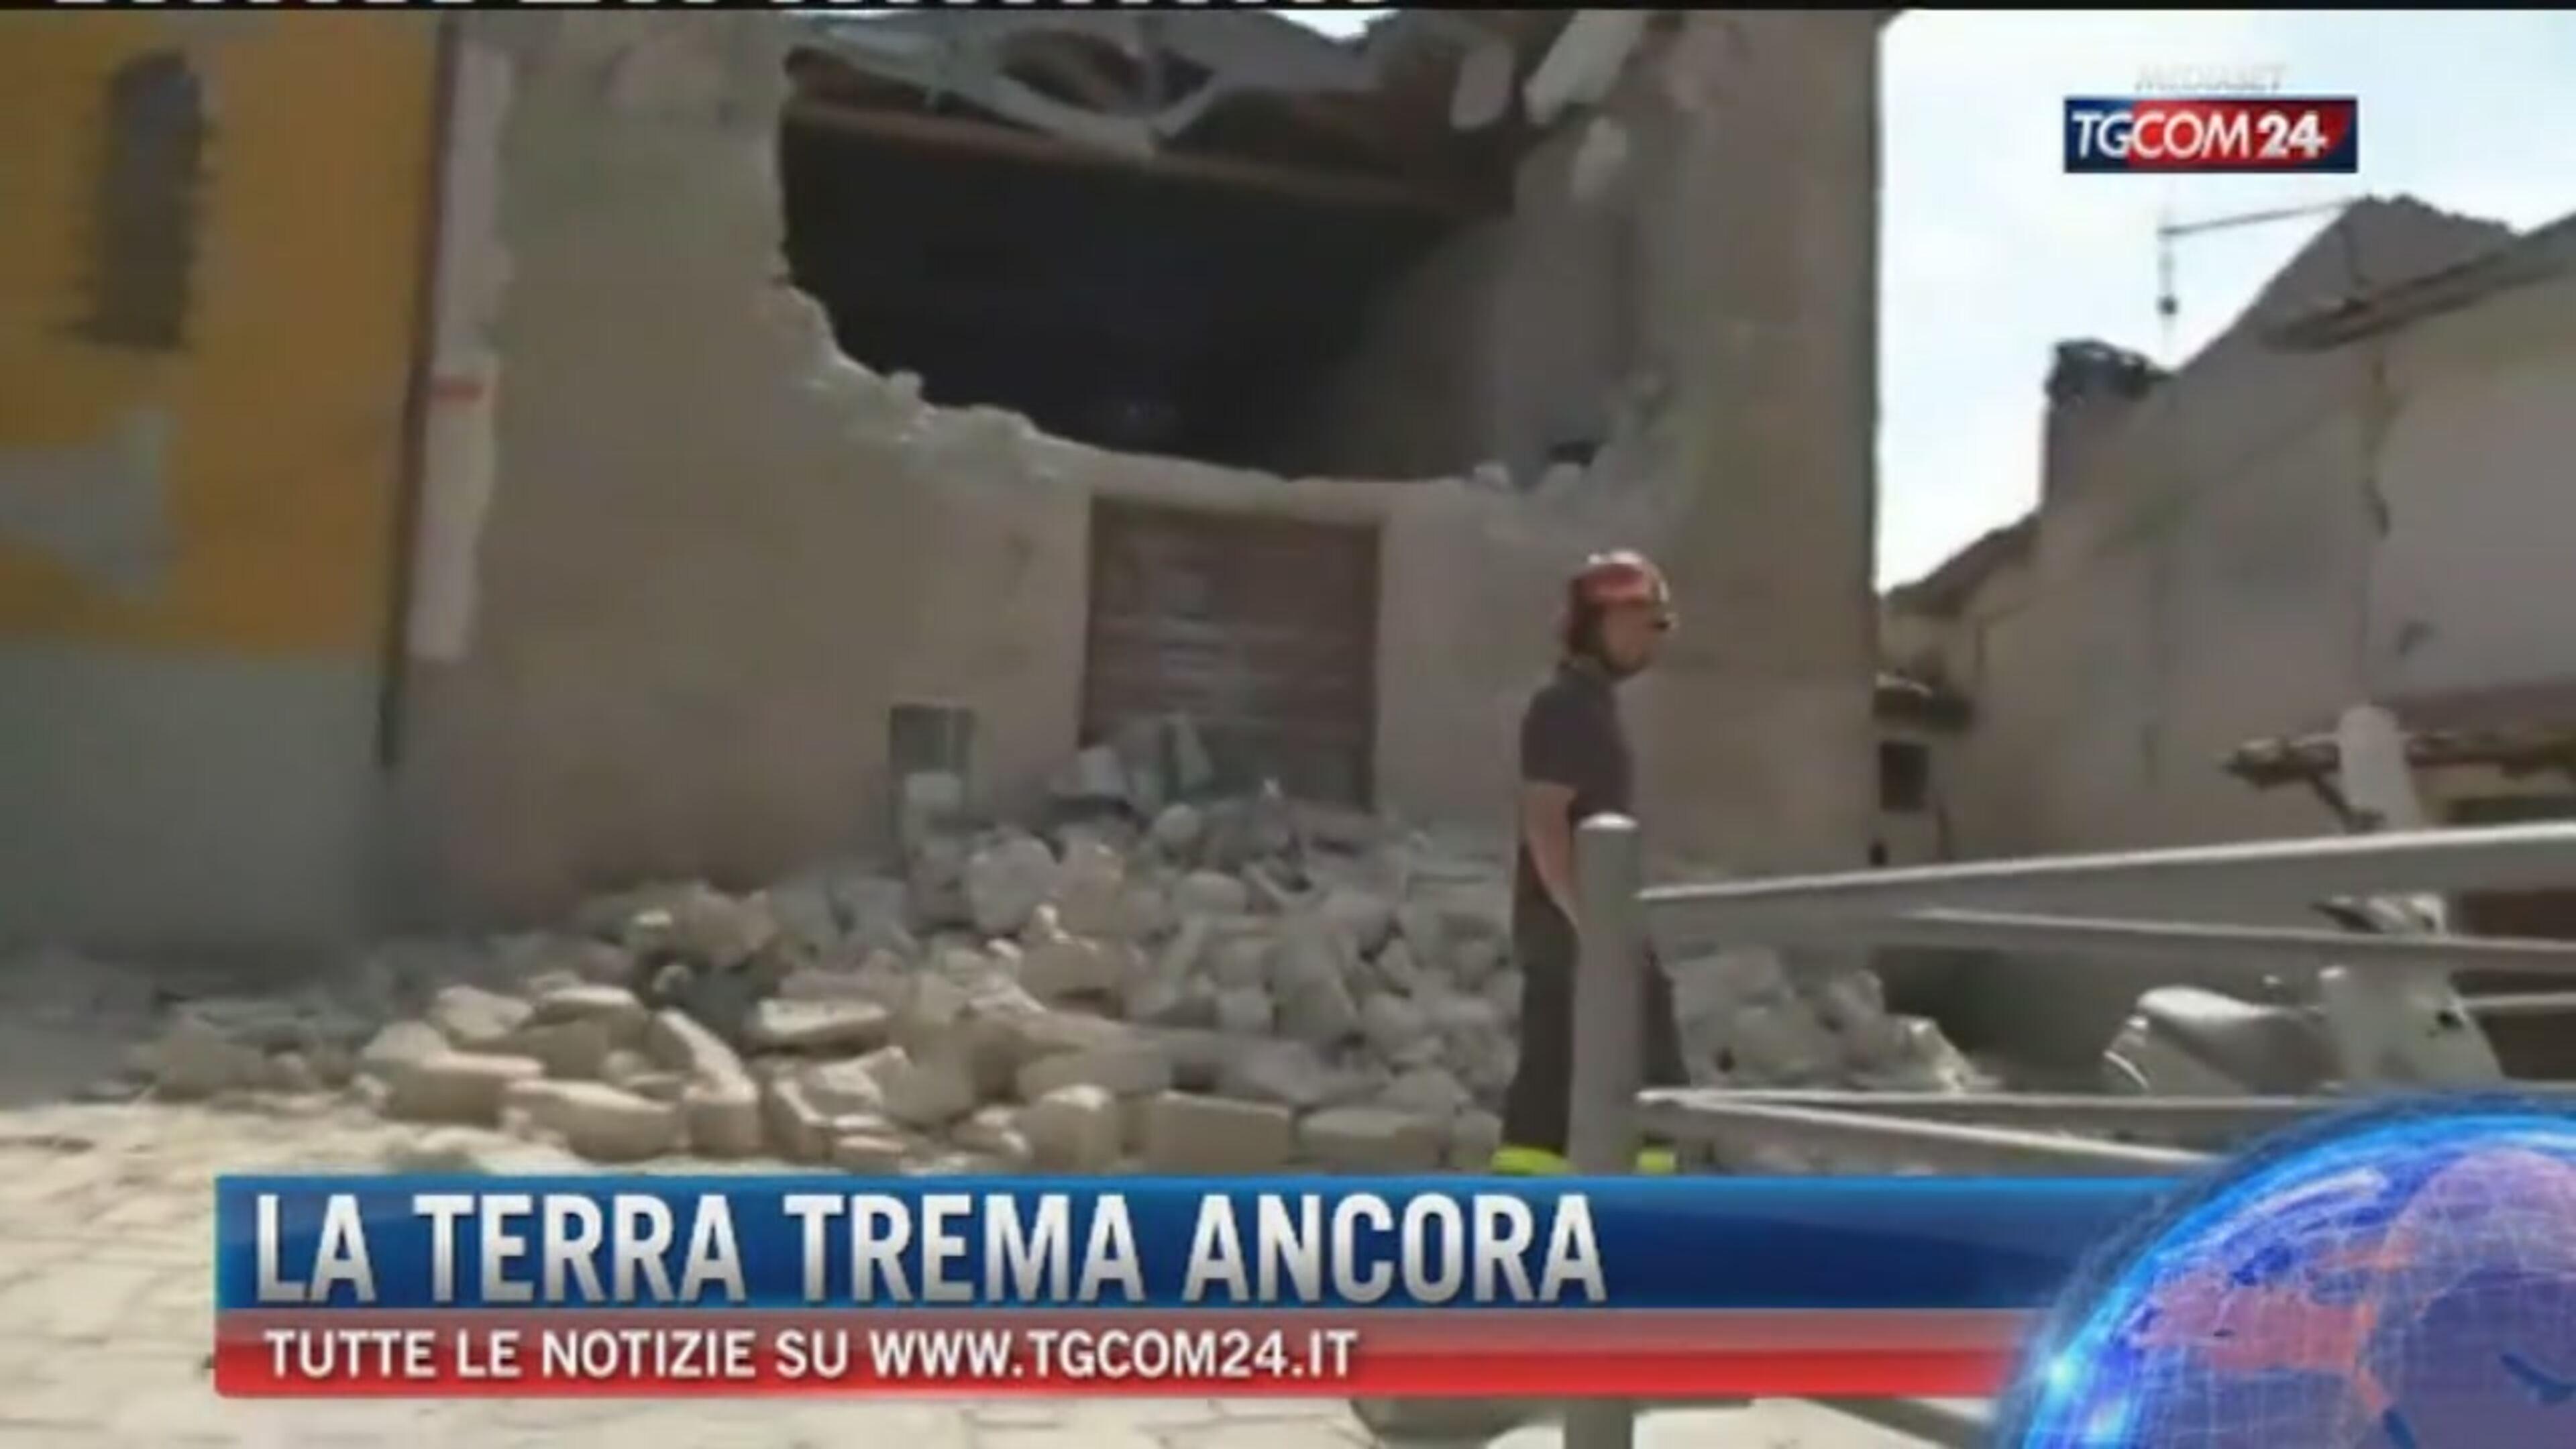 Ancora forti scosse: a Perugia sisma notturno di magnitudo 4.3, a Macerata evento tellurico di 4.5